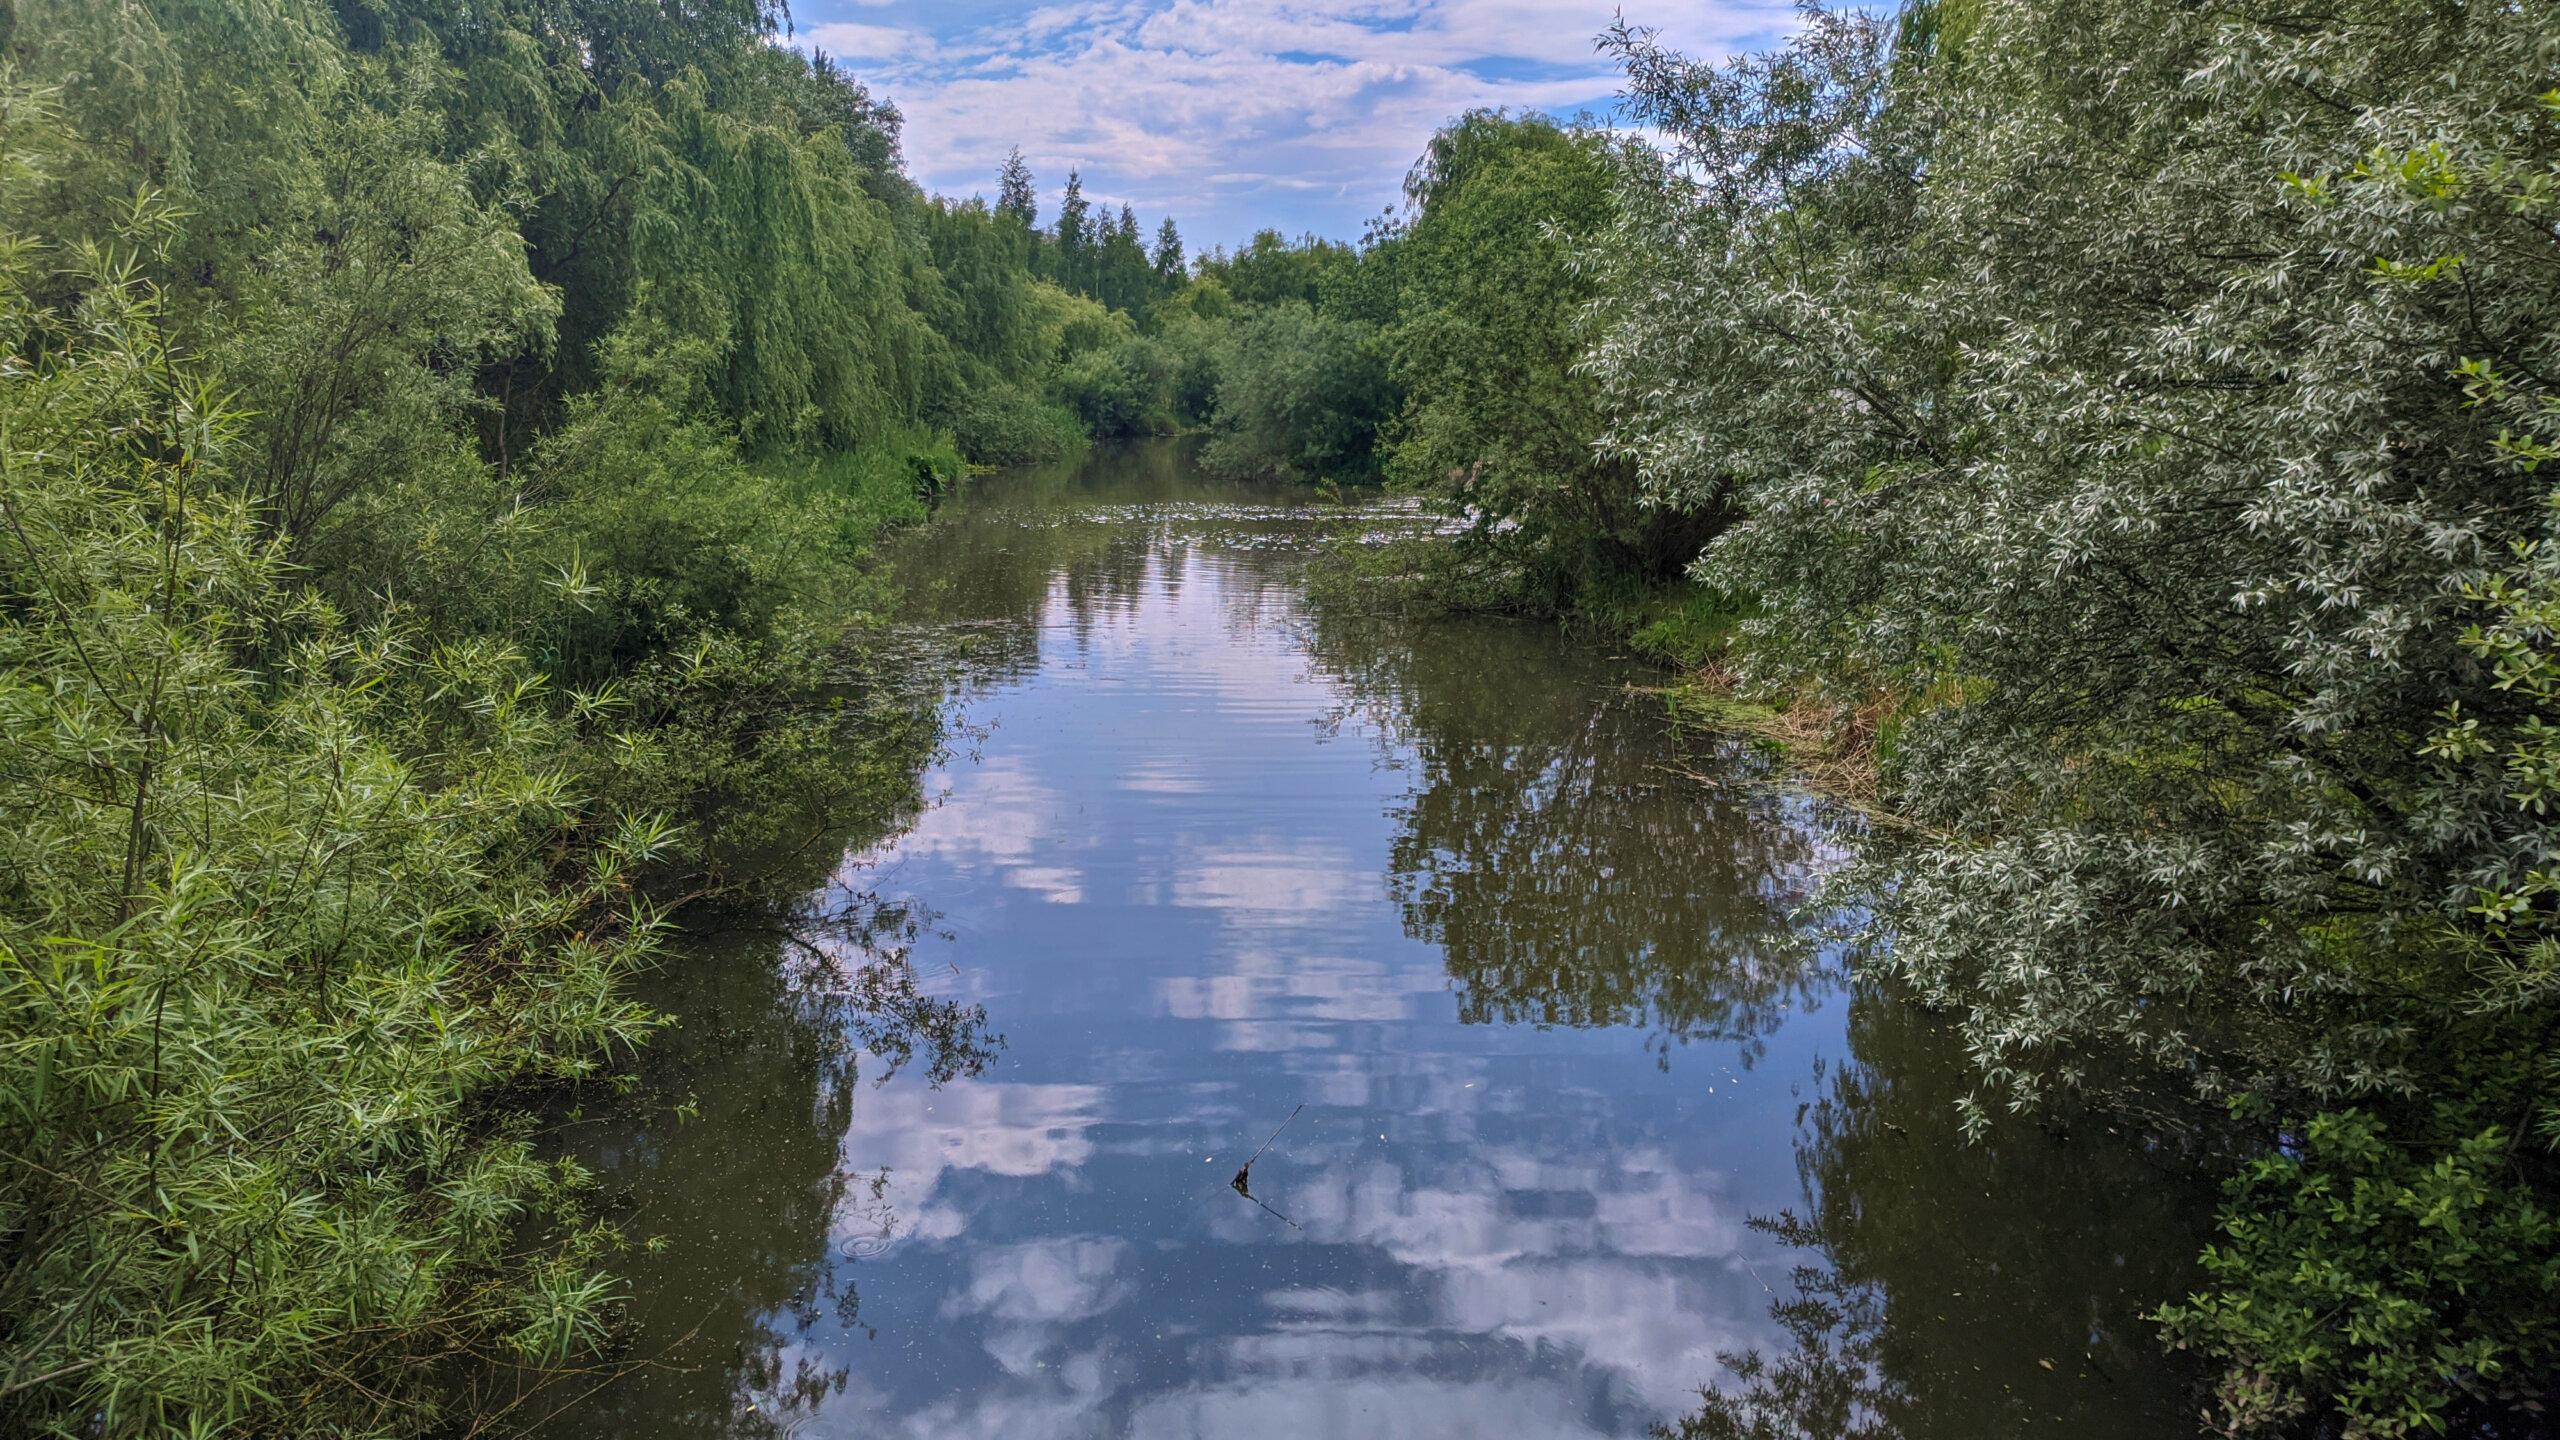 Старая ж/д больница, БПРМ Минск-1 и малоизвестная река Мышка. Очередная велопрогулка в выходной день